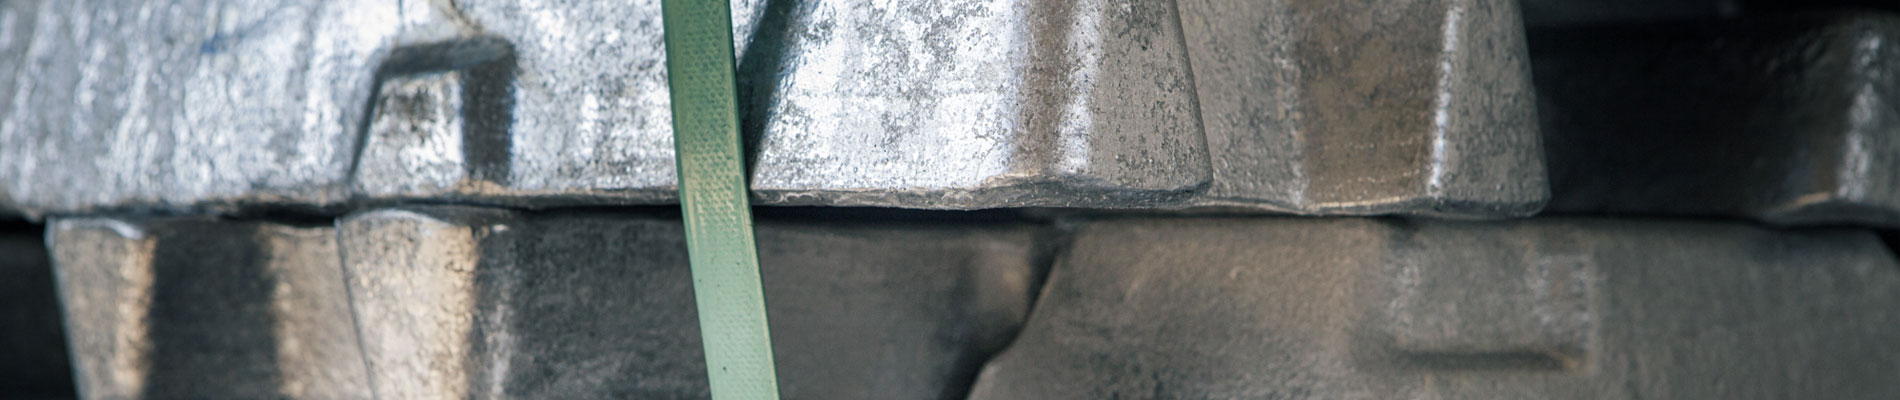 Primo piano prodotti finiti - Fometal - Fonderia alluminio, leghe madri e affini